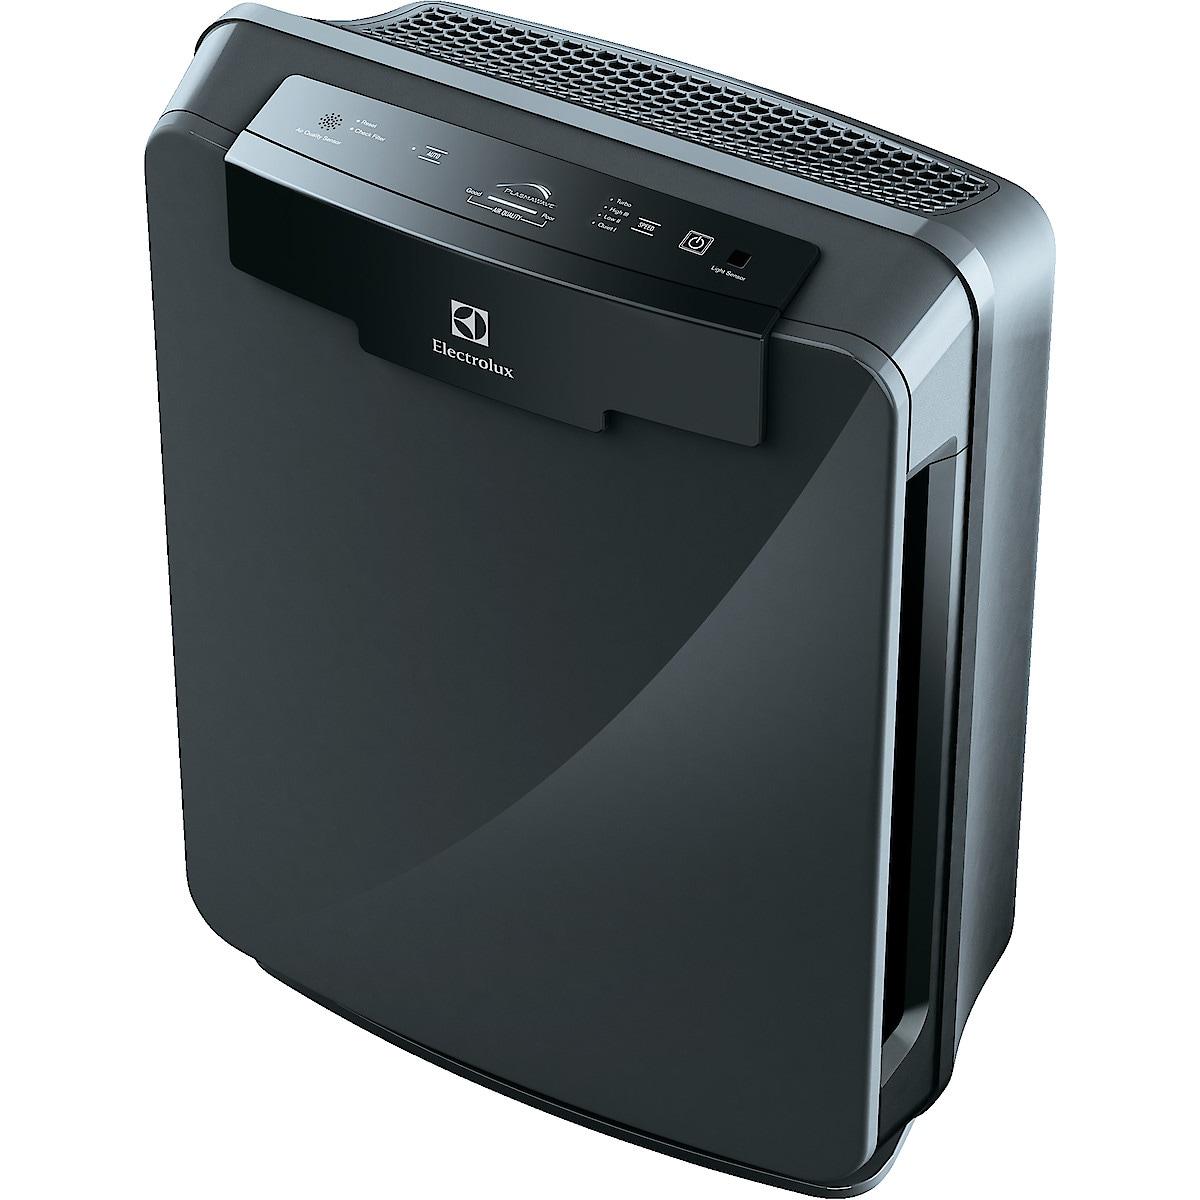 Luftrenare Electrolux Oxygen EAP450